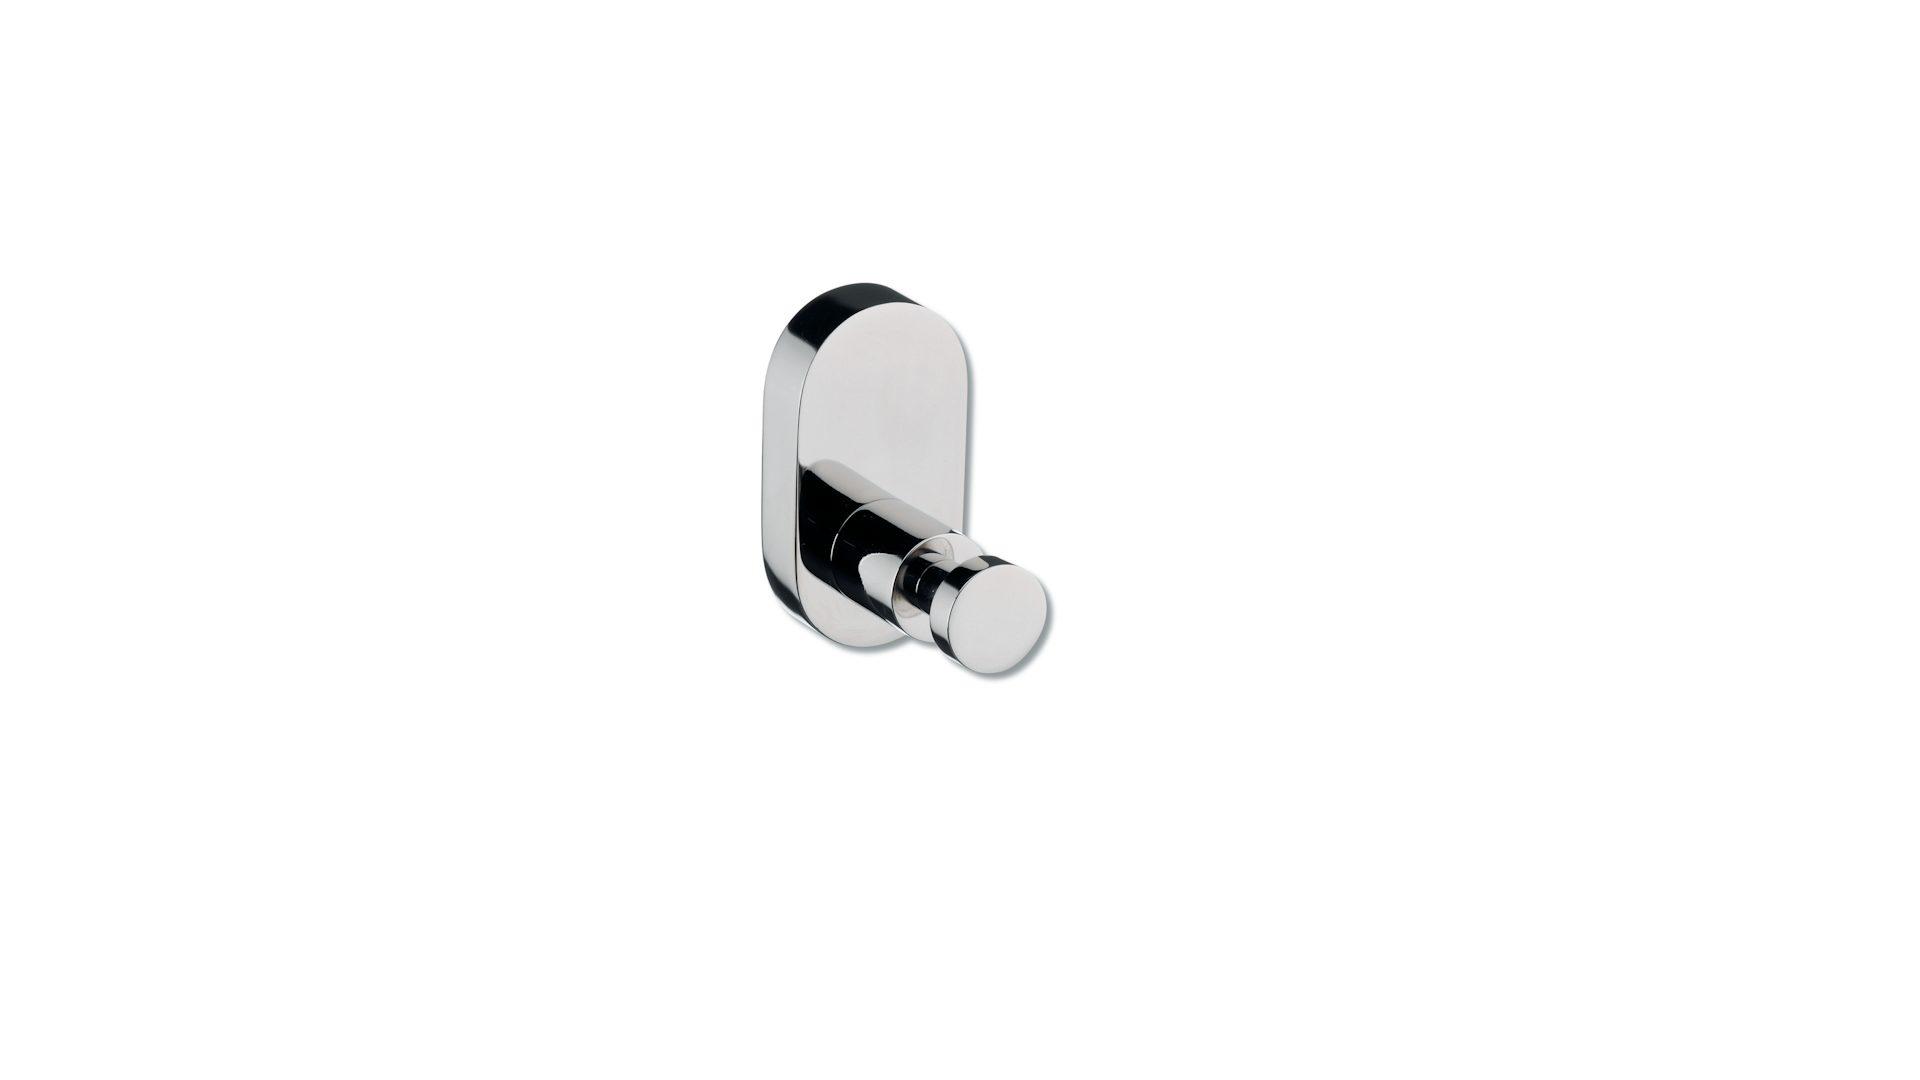 Trendwerk By Mobel Busch Raume Badezimmer Accessoires